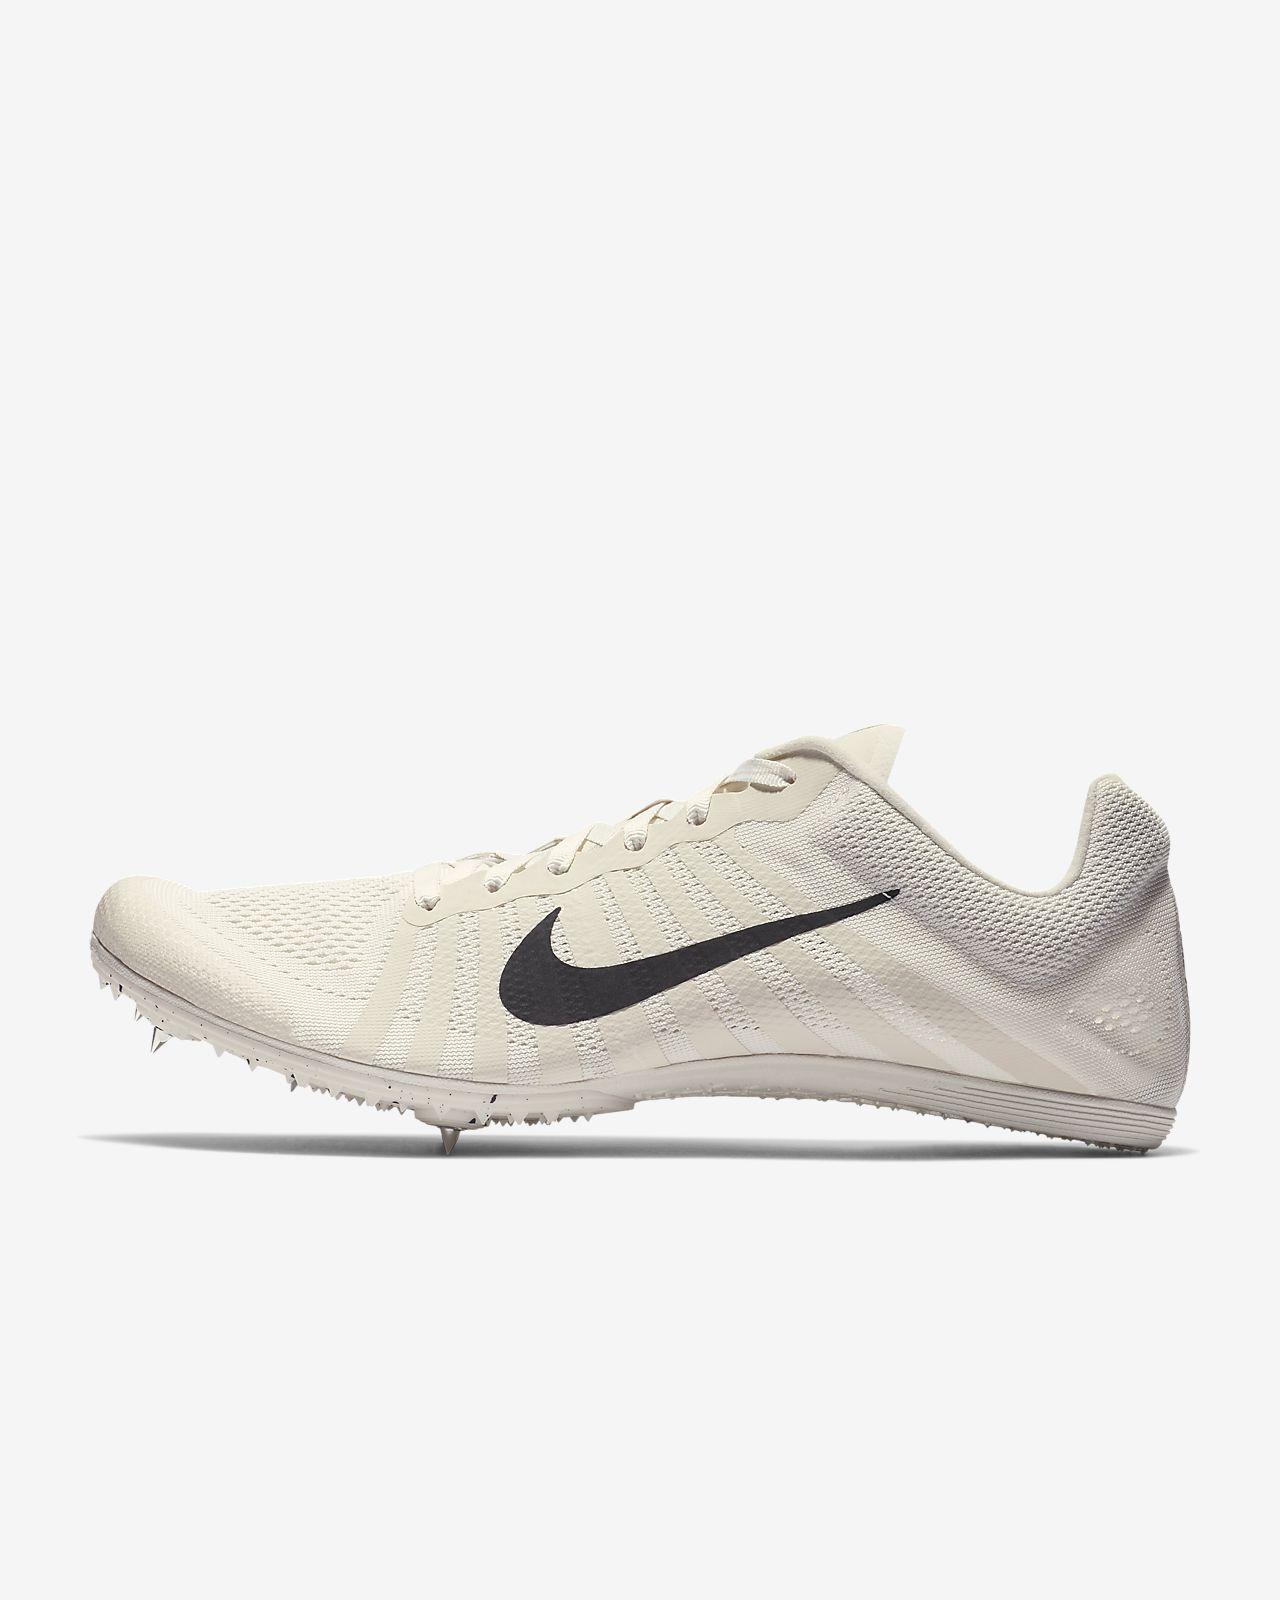 3a0fa753 Шиповки унисекс для бега на средние дистанции Nike Zoom D. Nike.com RU